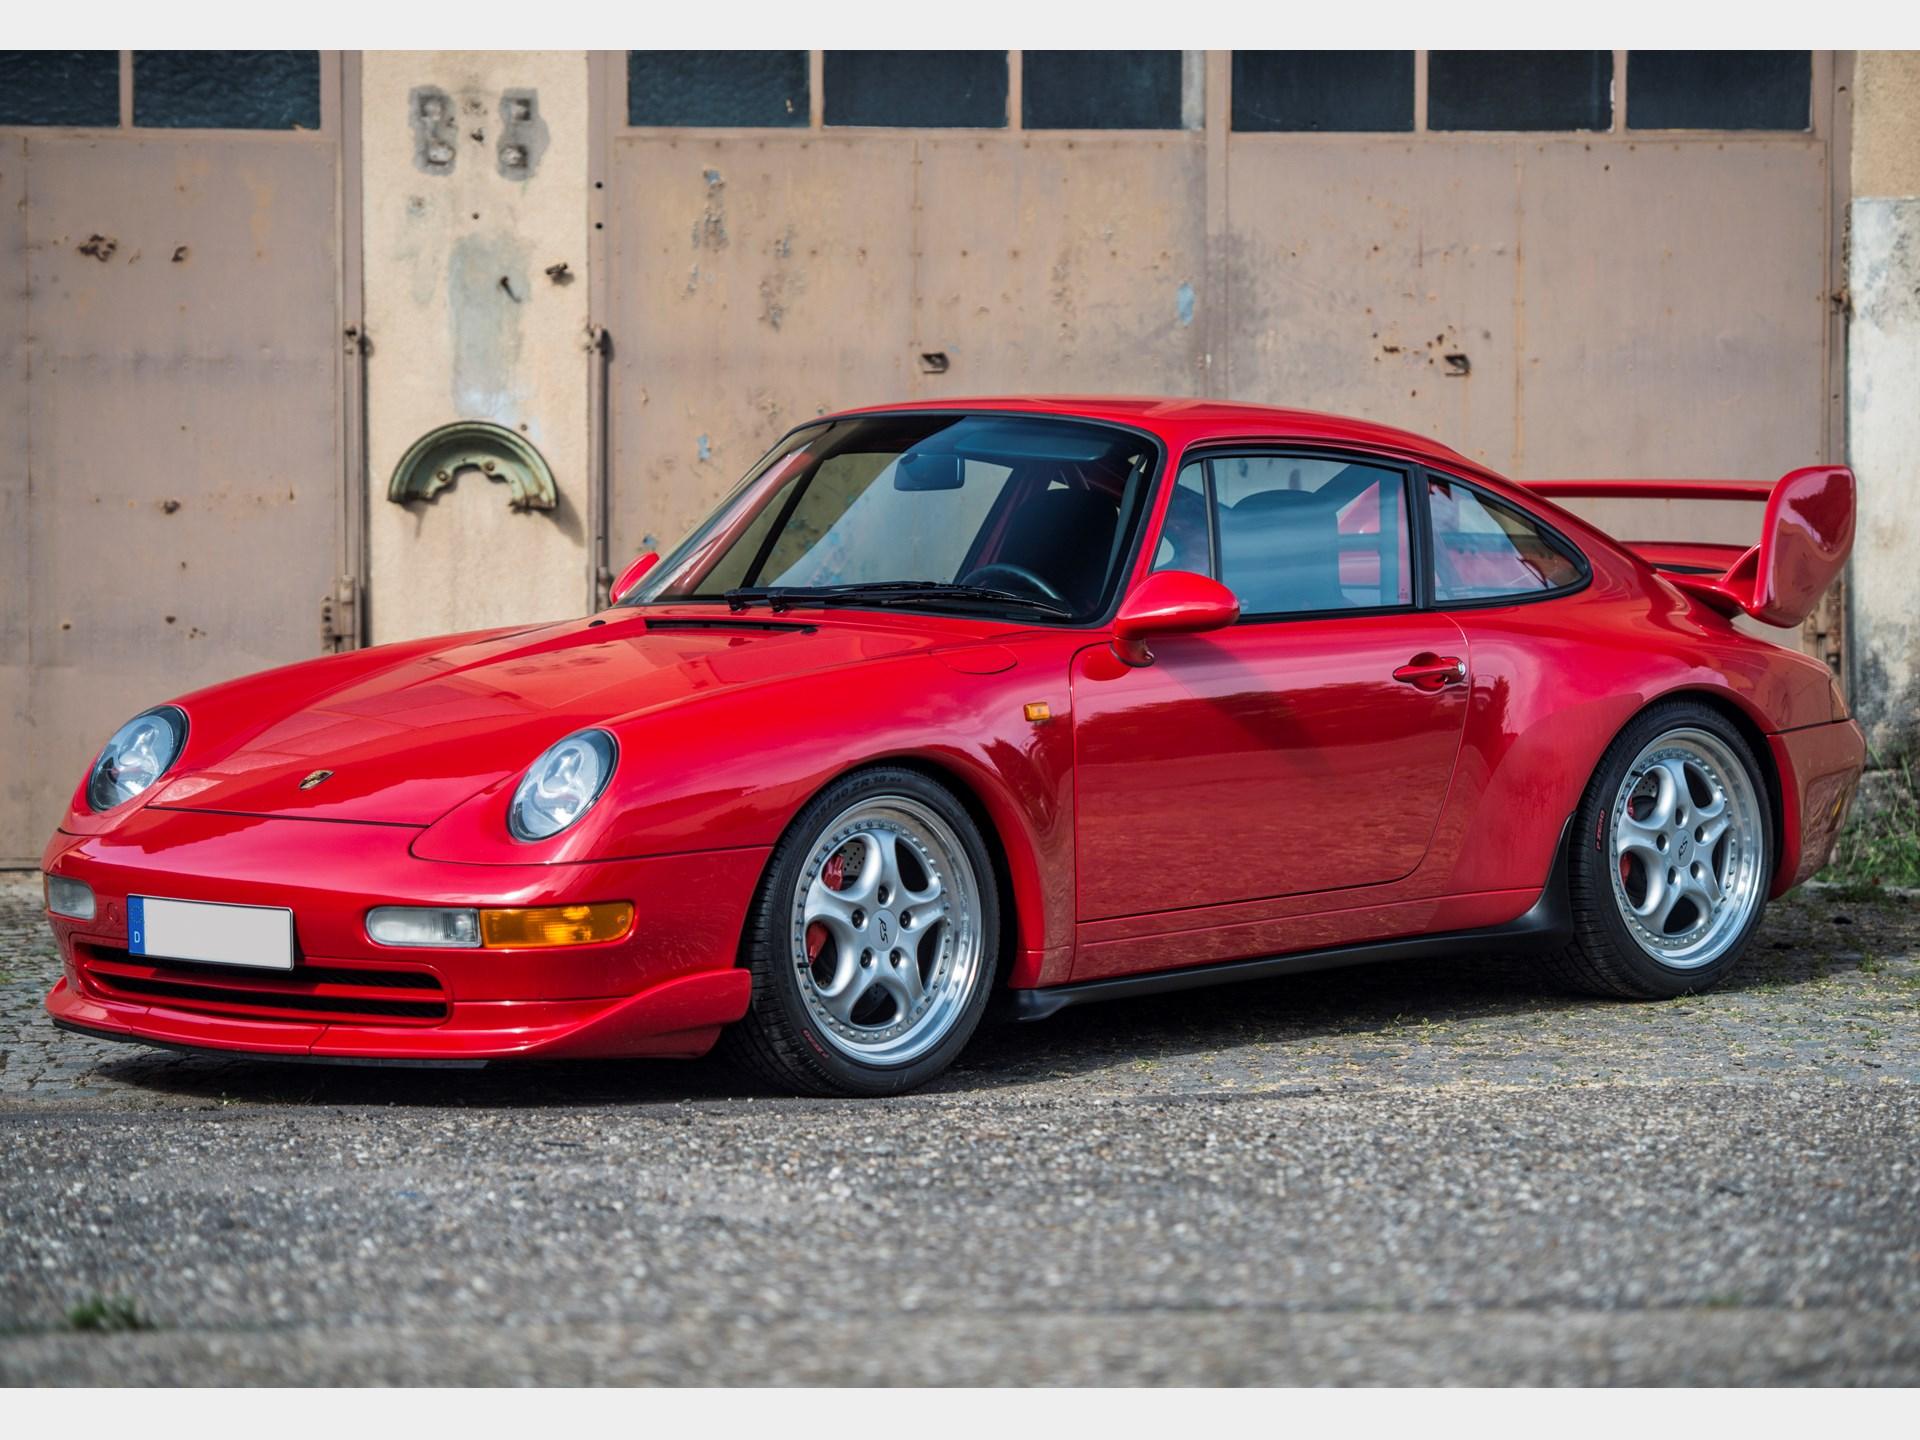 RM Sotheby's - 1995 Porsche 911 Carrera RS Clubsport | London 2016 on liberty walk porsche, million-dollar porsche, veilside porsche, little bastard porsche, lifted porsche, rare porsche, strosek porsche, cream porsche, rwd porsche,